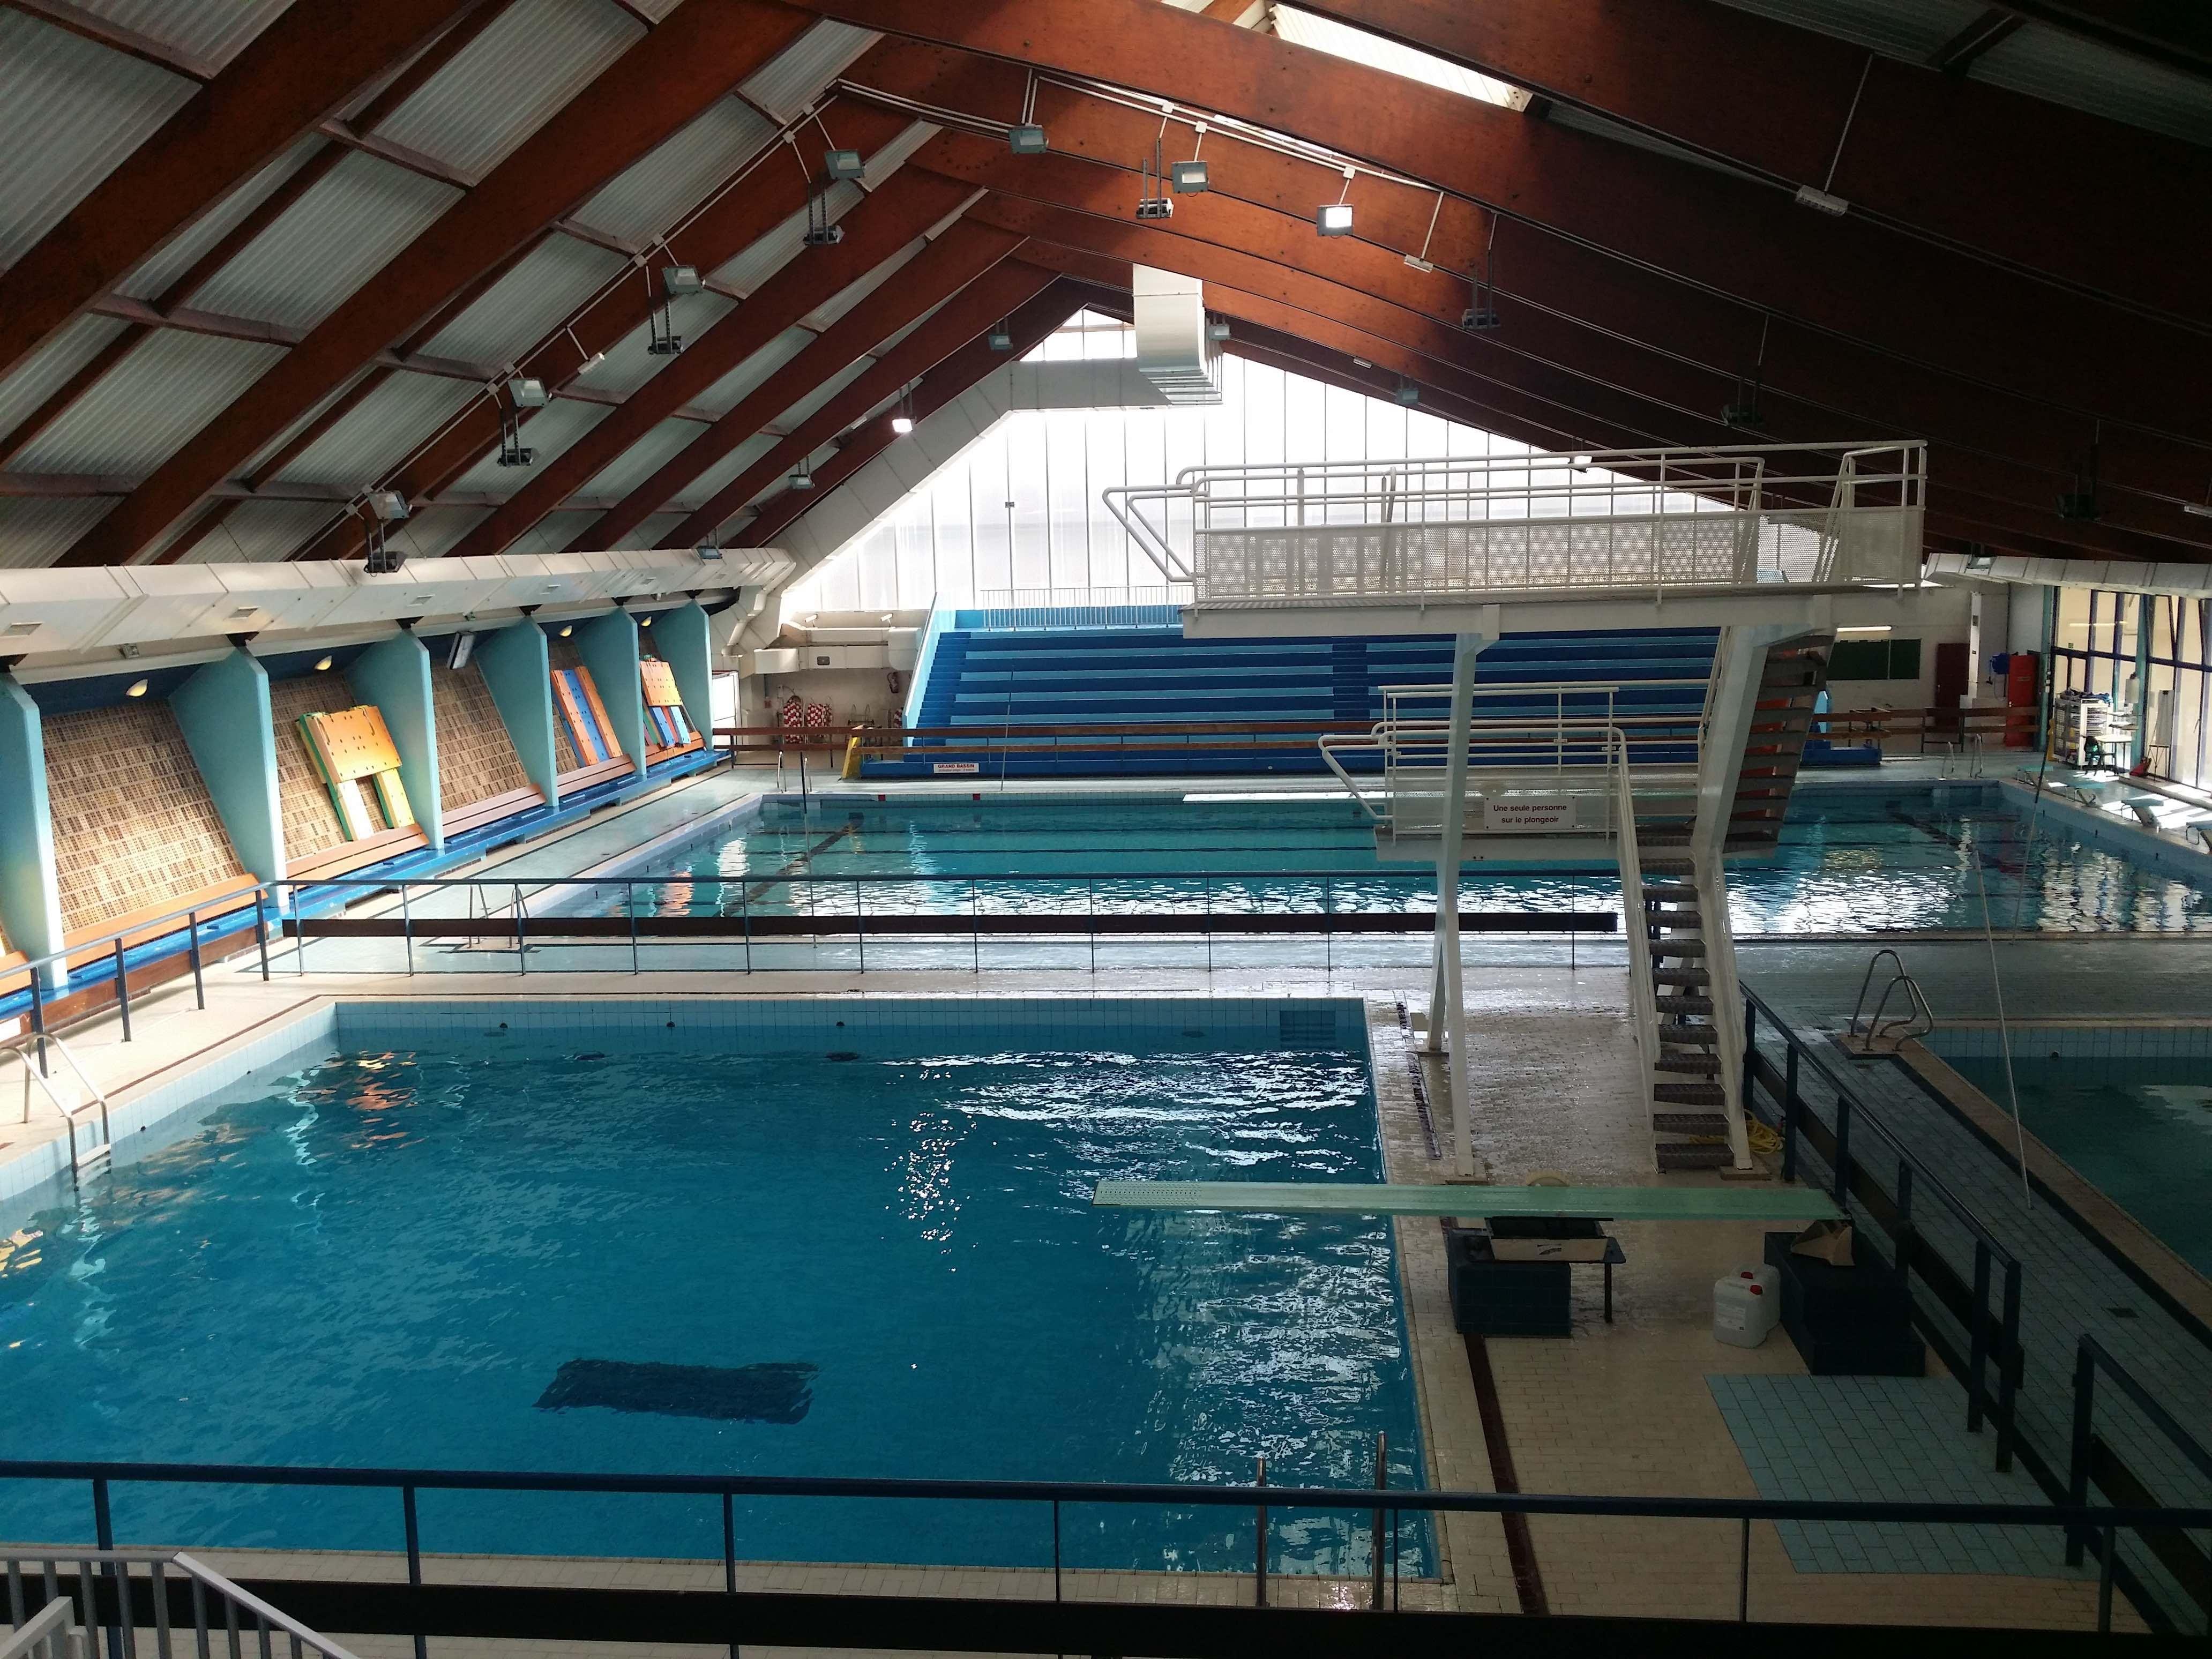 Nouveau piscine pour homme lyon piscine for Piscine de vaise